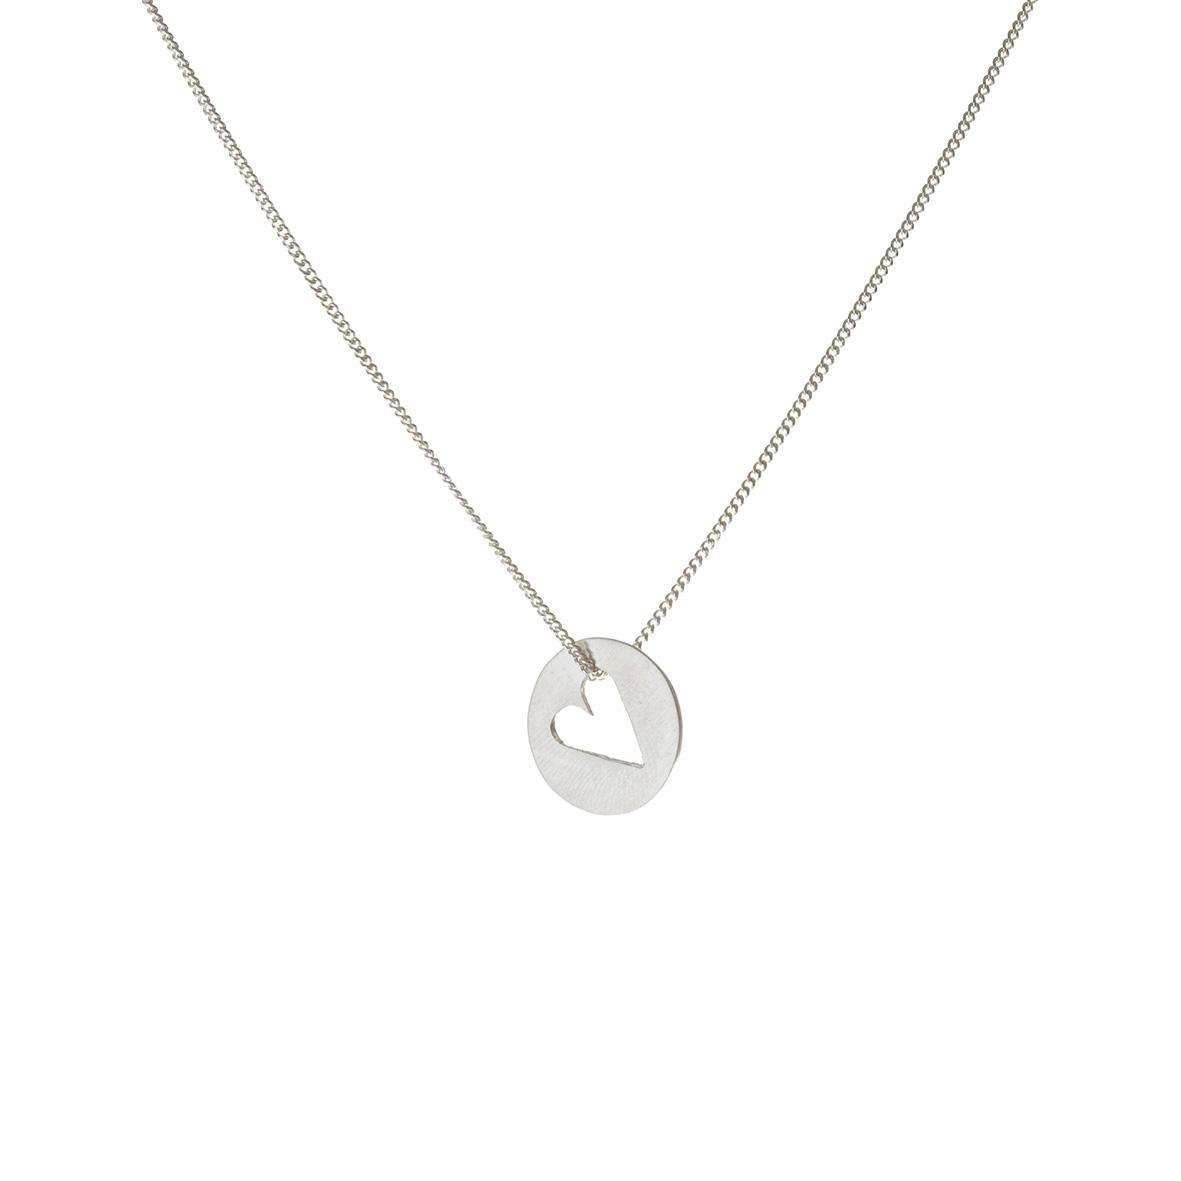 Cutout heart pendant